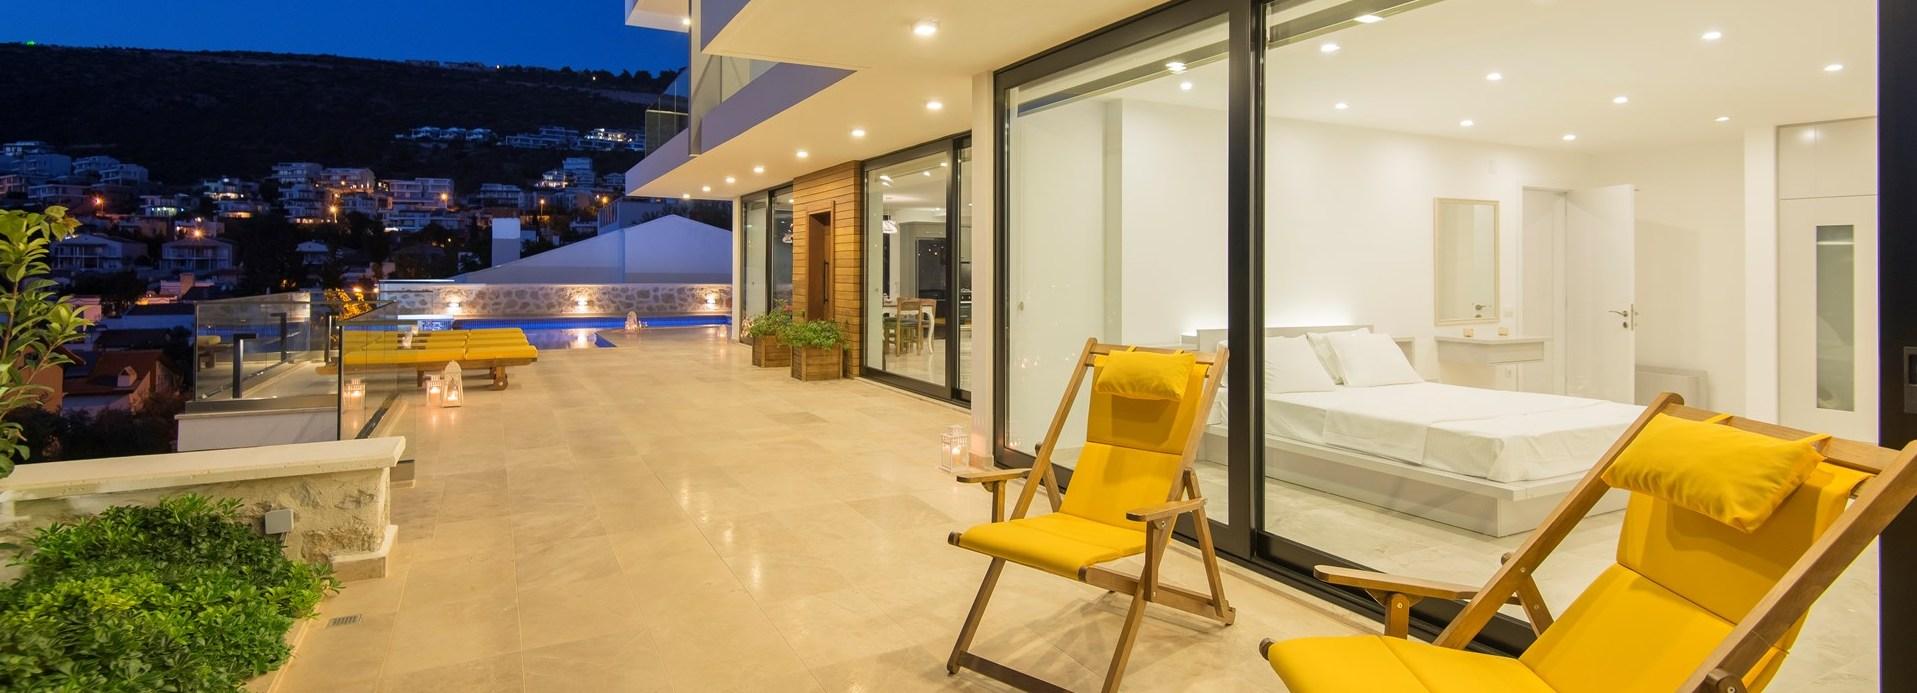 twilight-luxury-5-bedroom-villa-kas